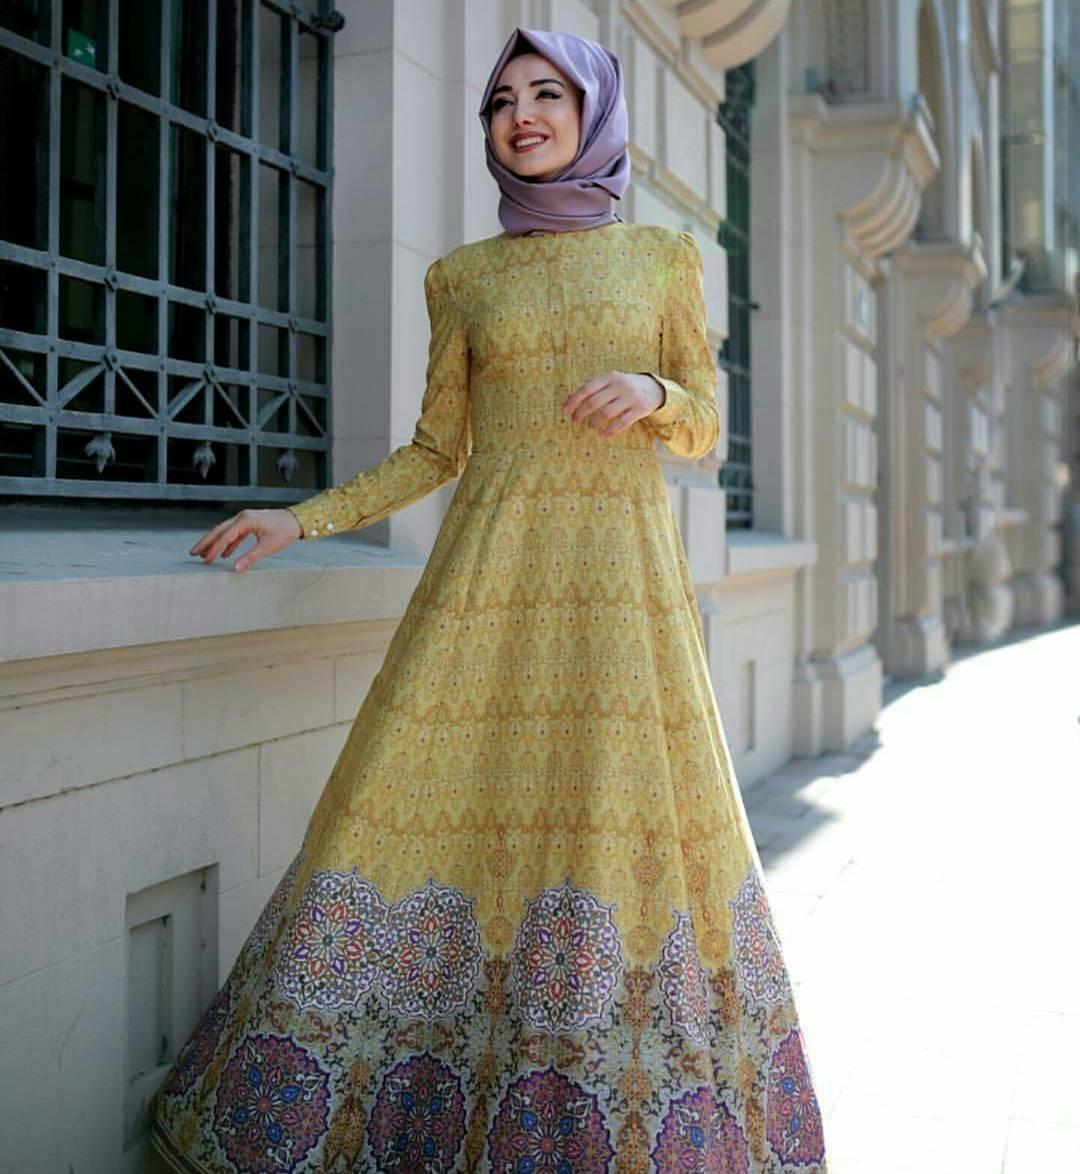 بالصور ملابس محجبات تركية , اجمل الملابس التركية 2019 3753 9